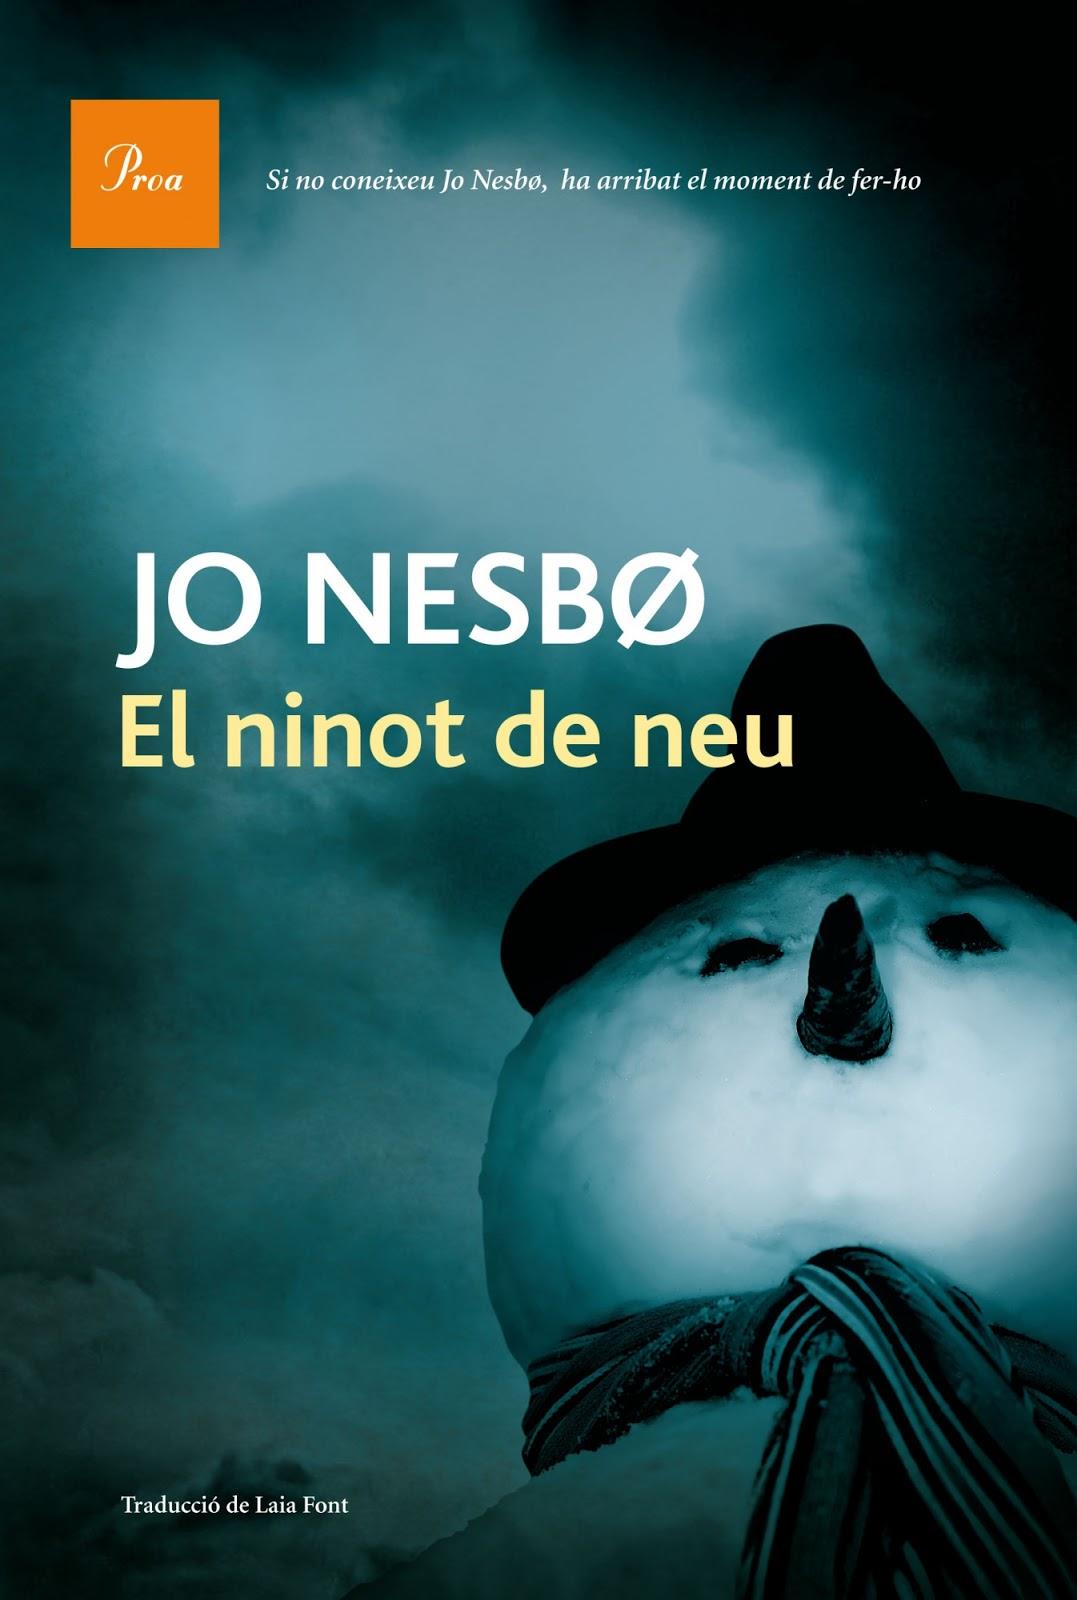 Jordi Benavente [escrits]: 'El ninot de neu', de Jo Nesbo ...